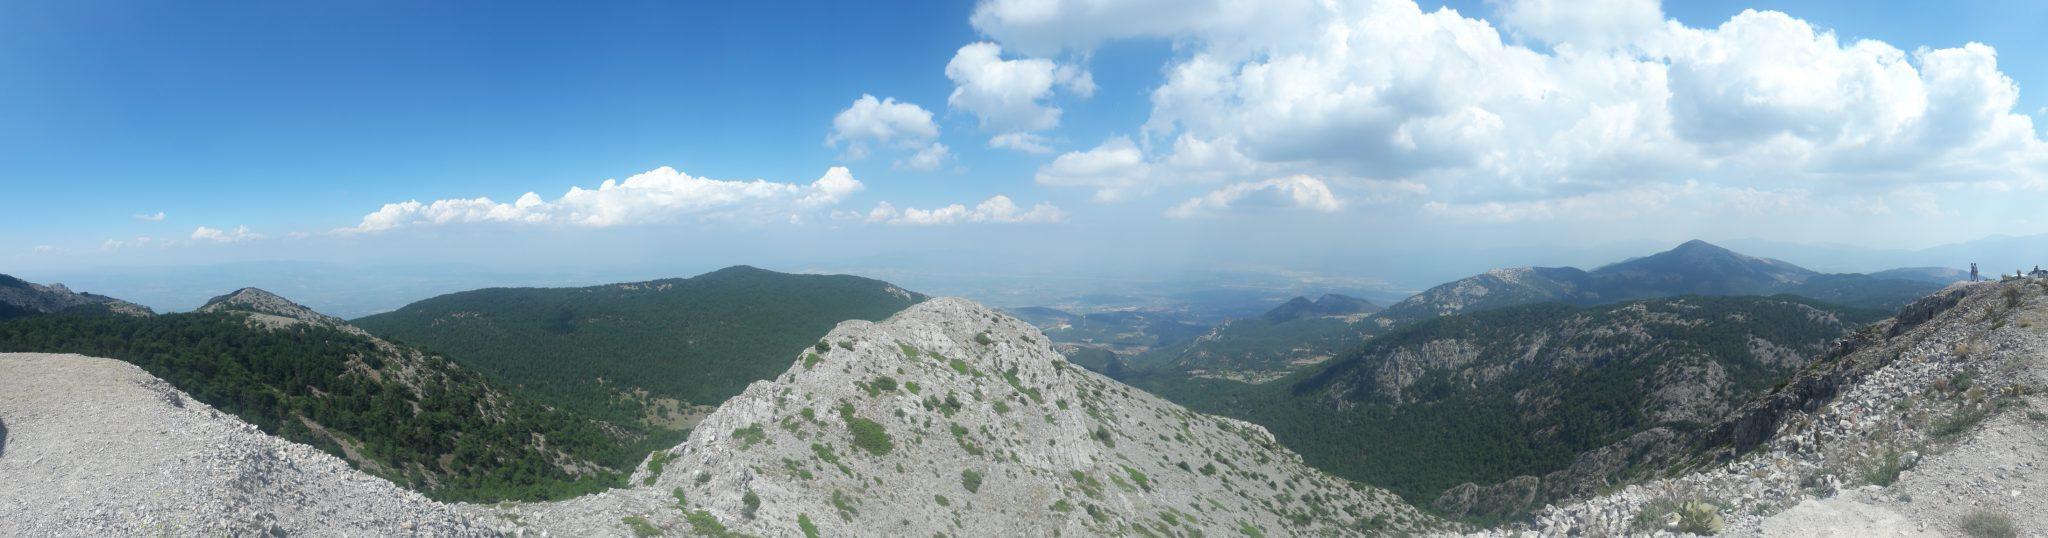 Spil Dağı | Manisa